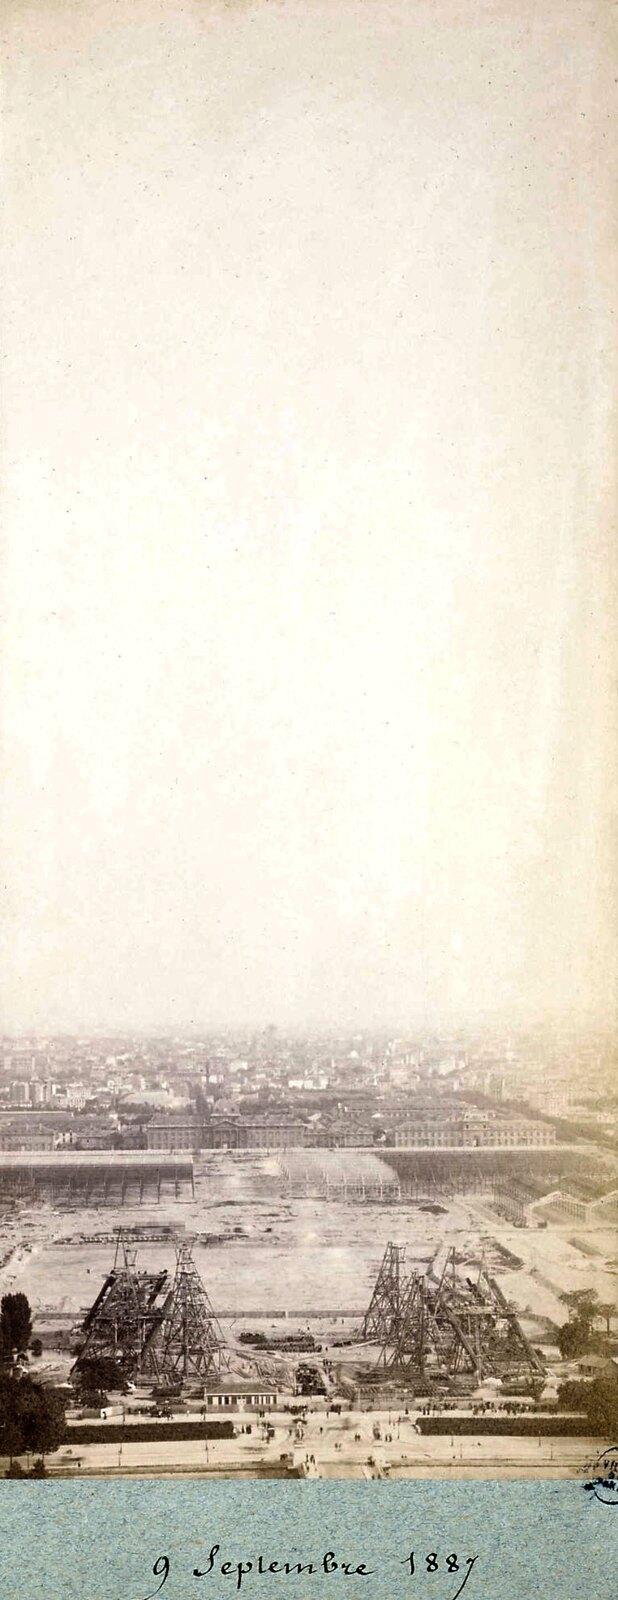 02. 1887. 9 сентября